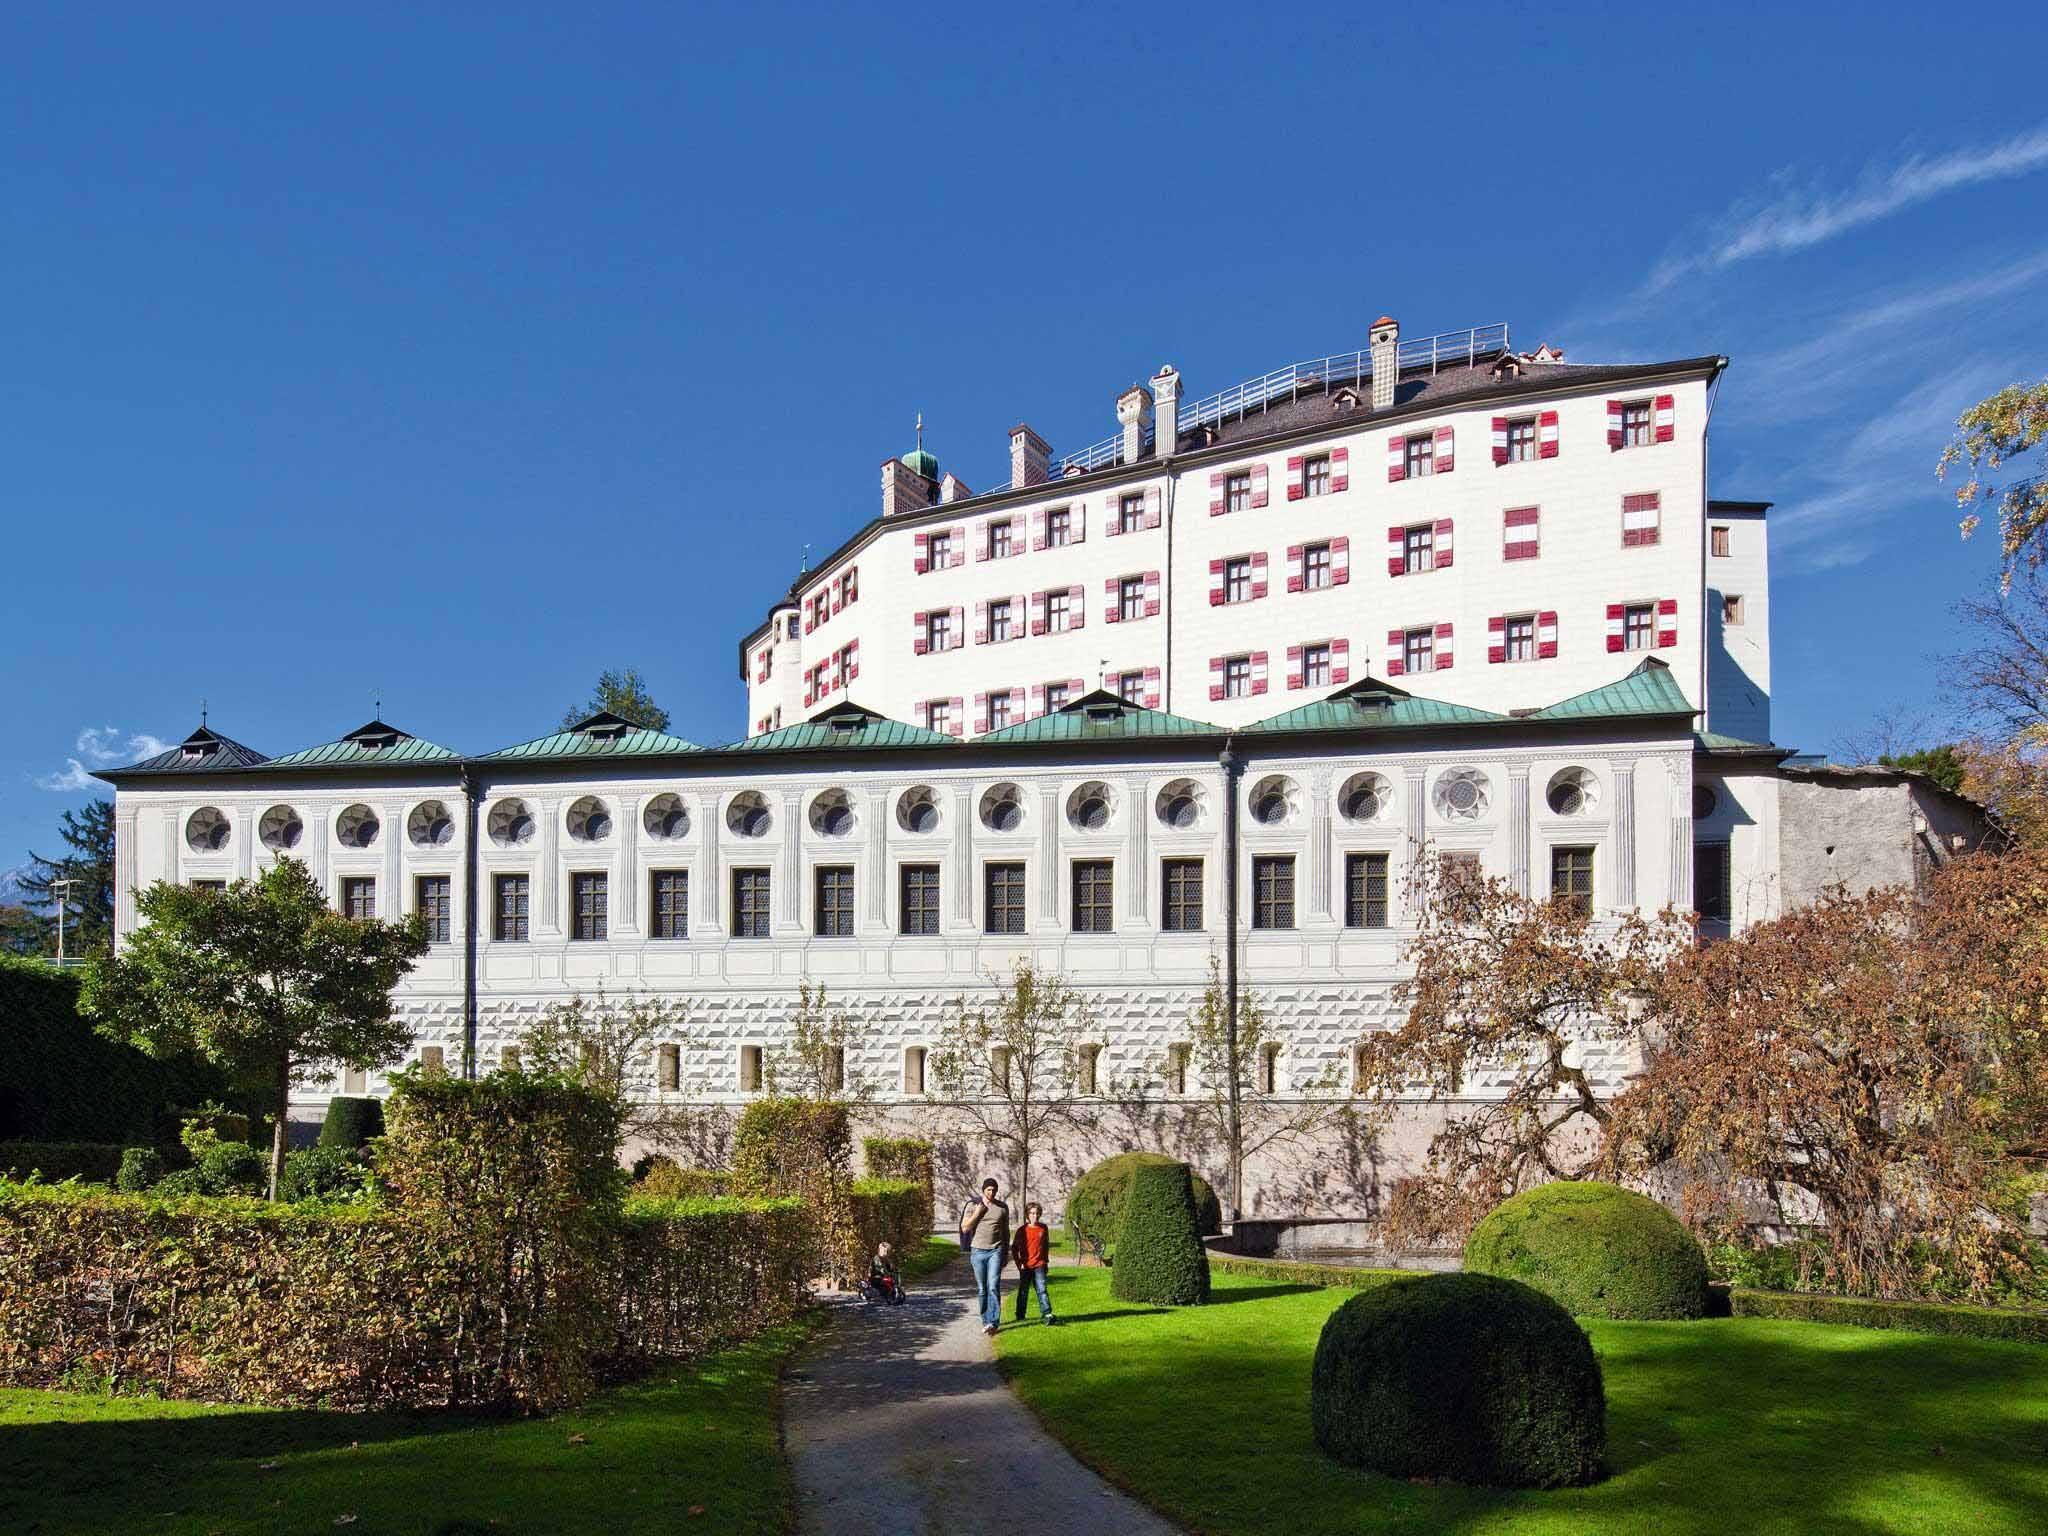 Luoghi di interesse a Innsbruck: Schloss Ambras